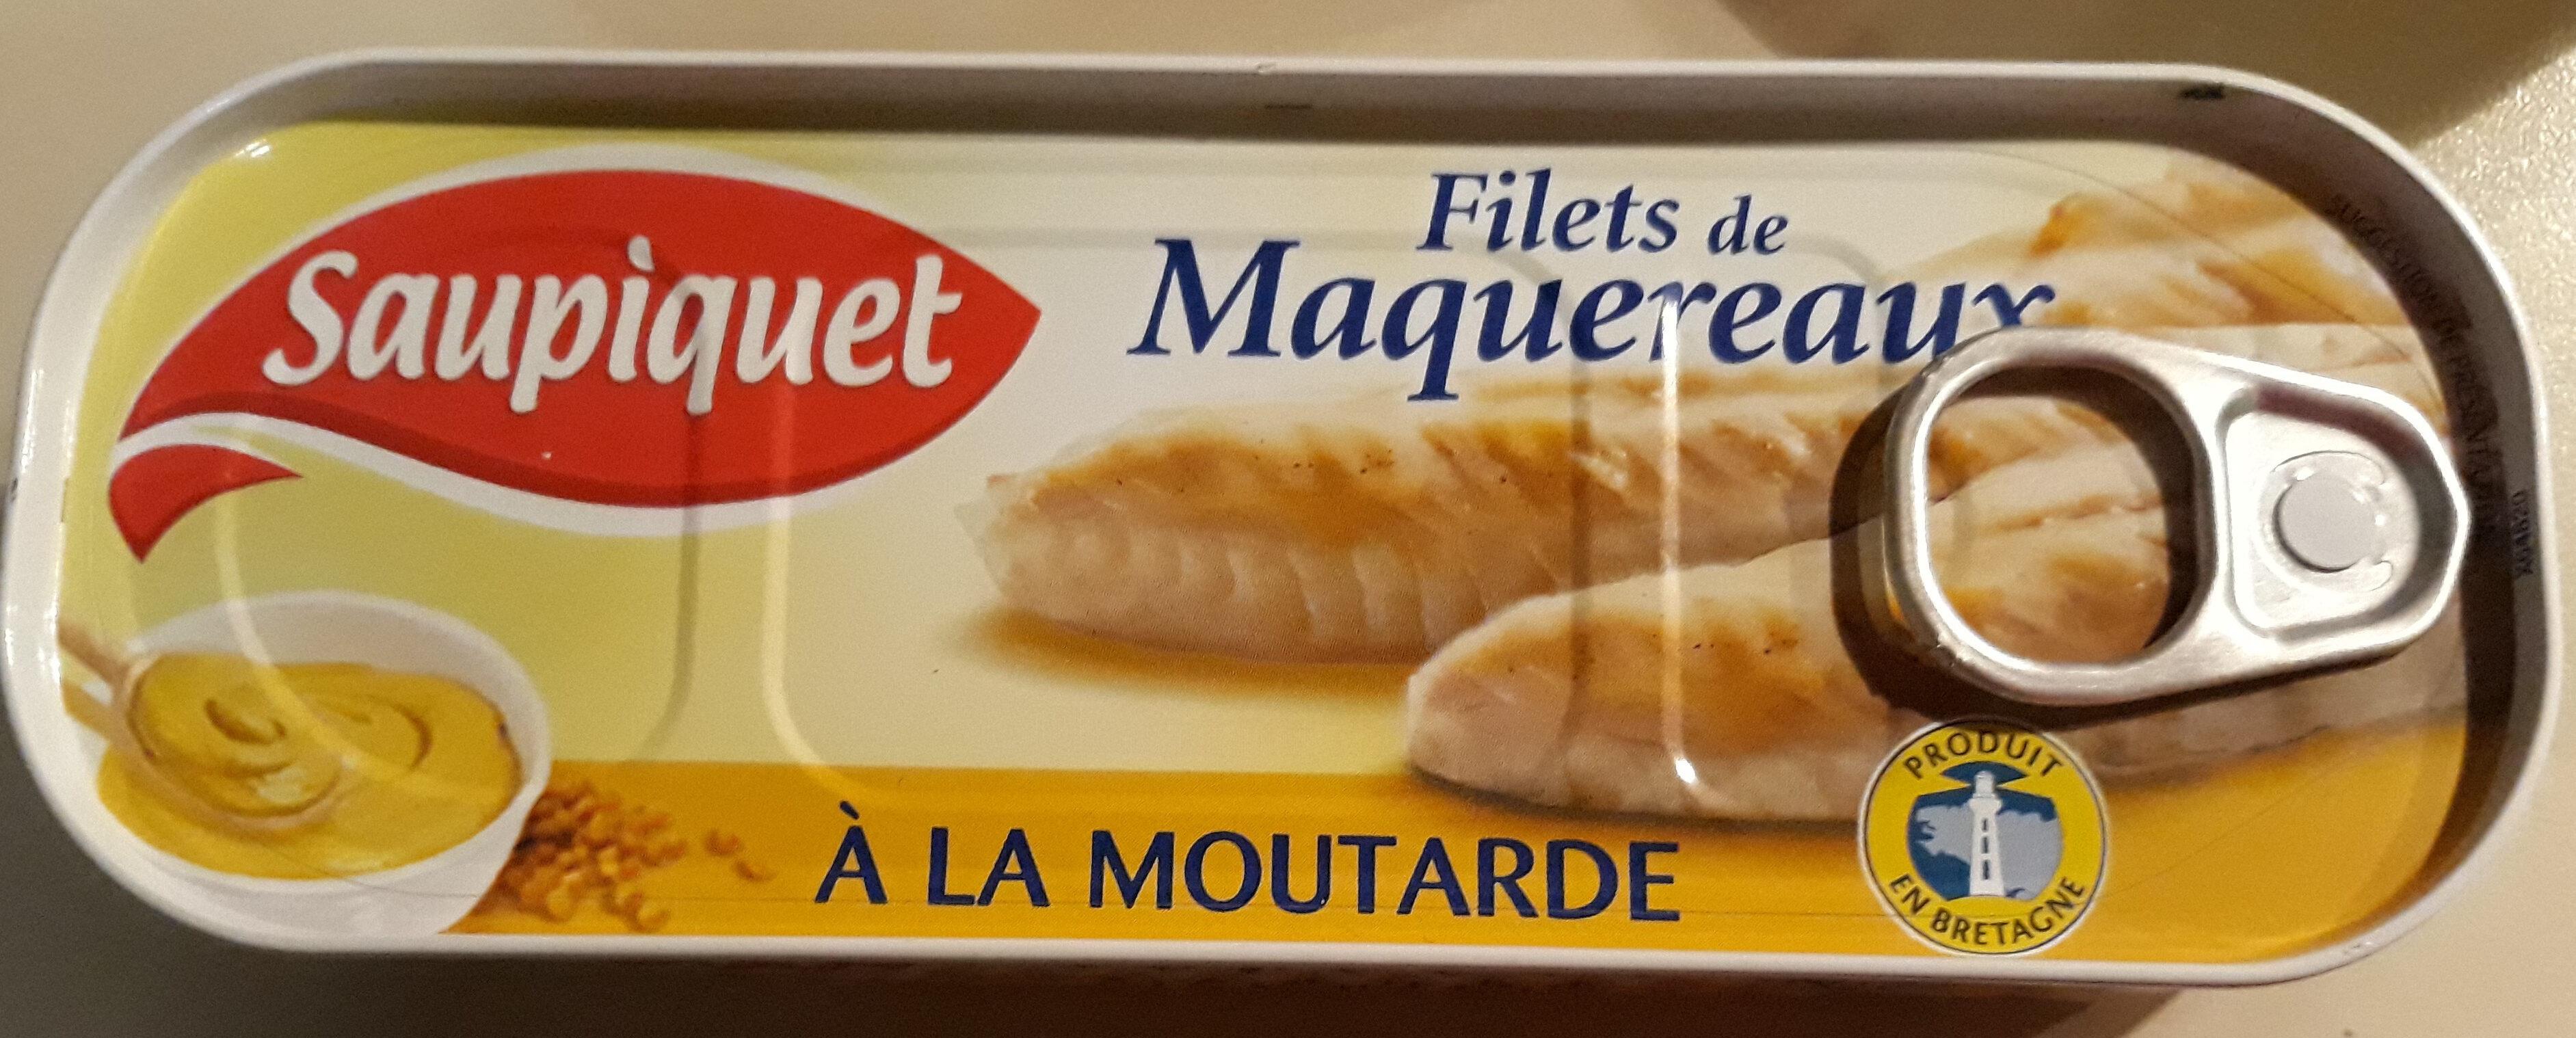 Filets de Maquereaux à la moutarde - Product - fr